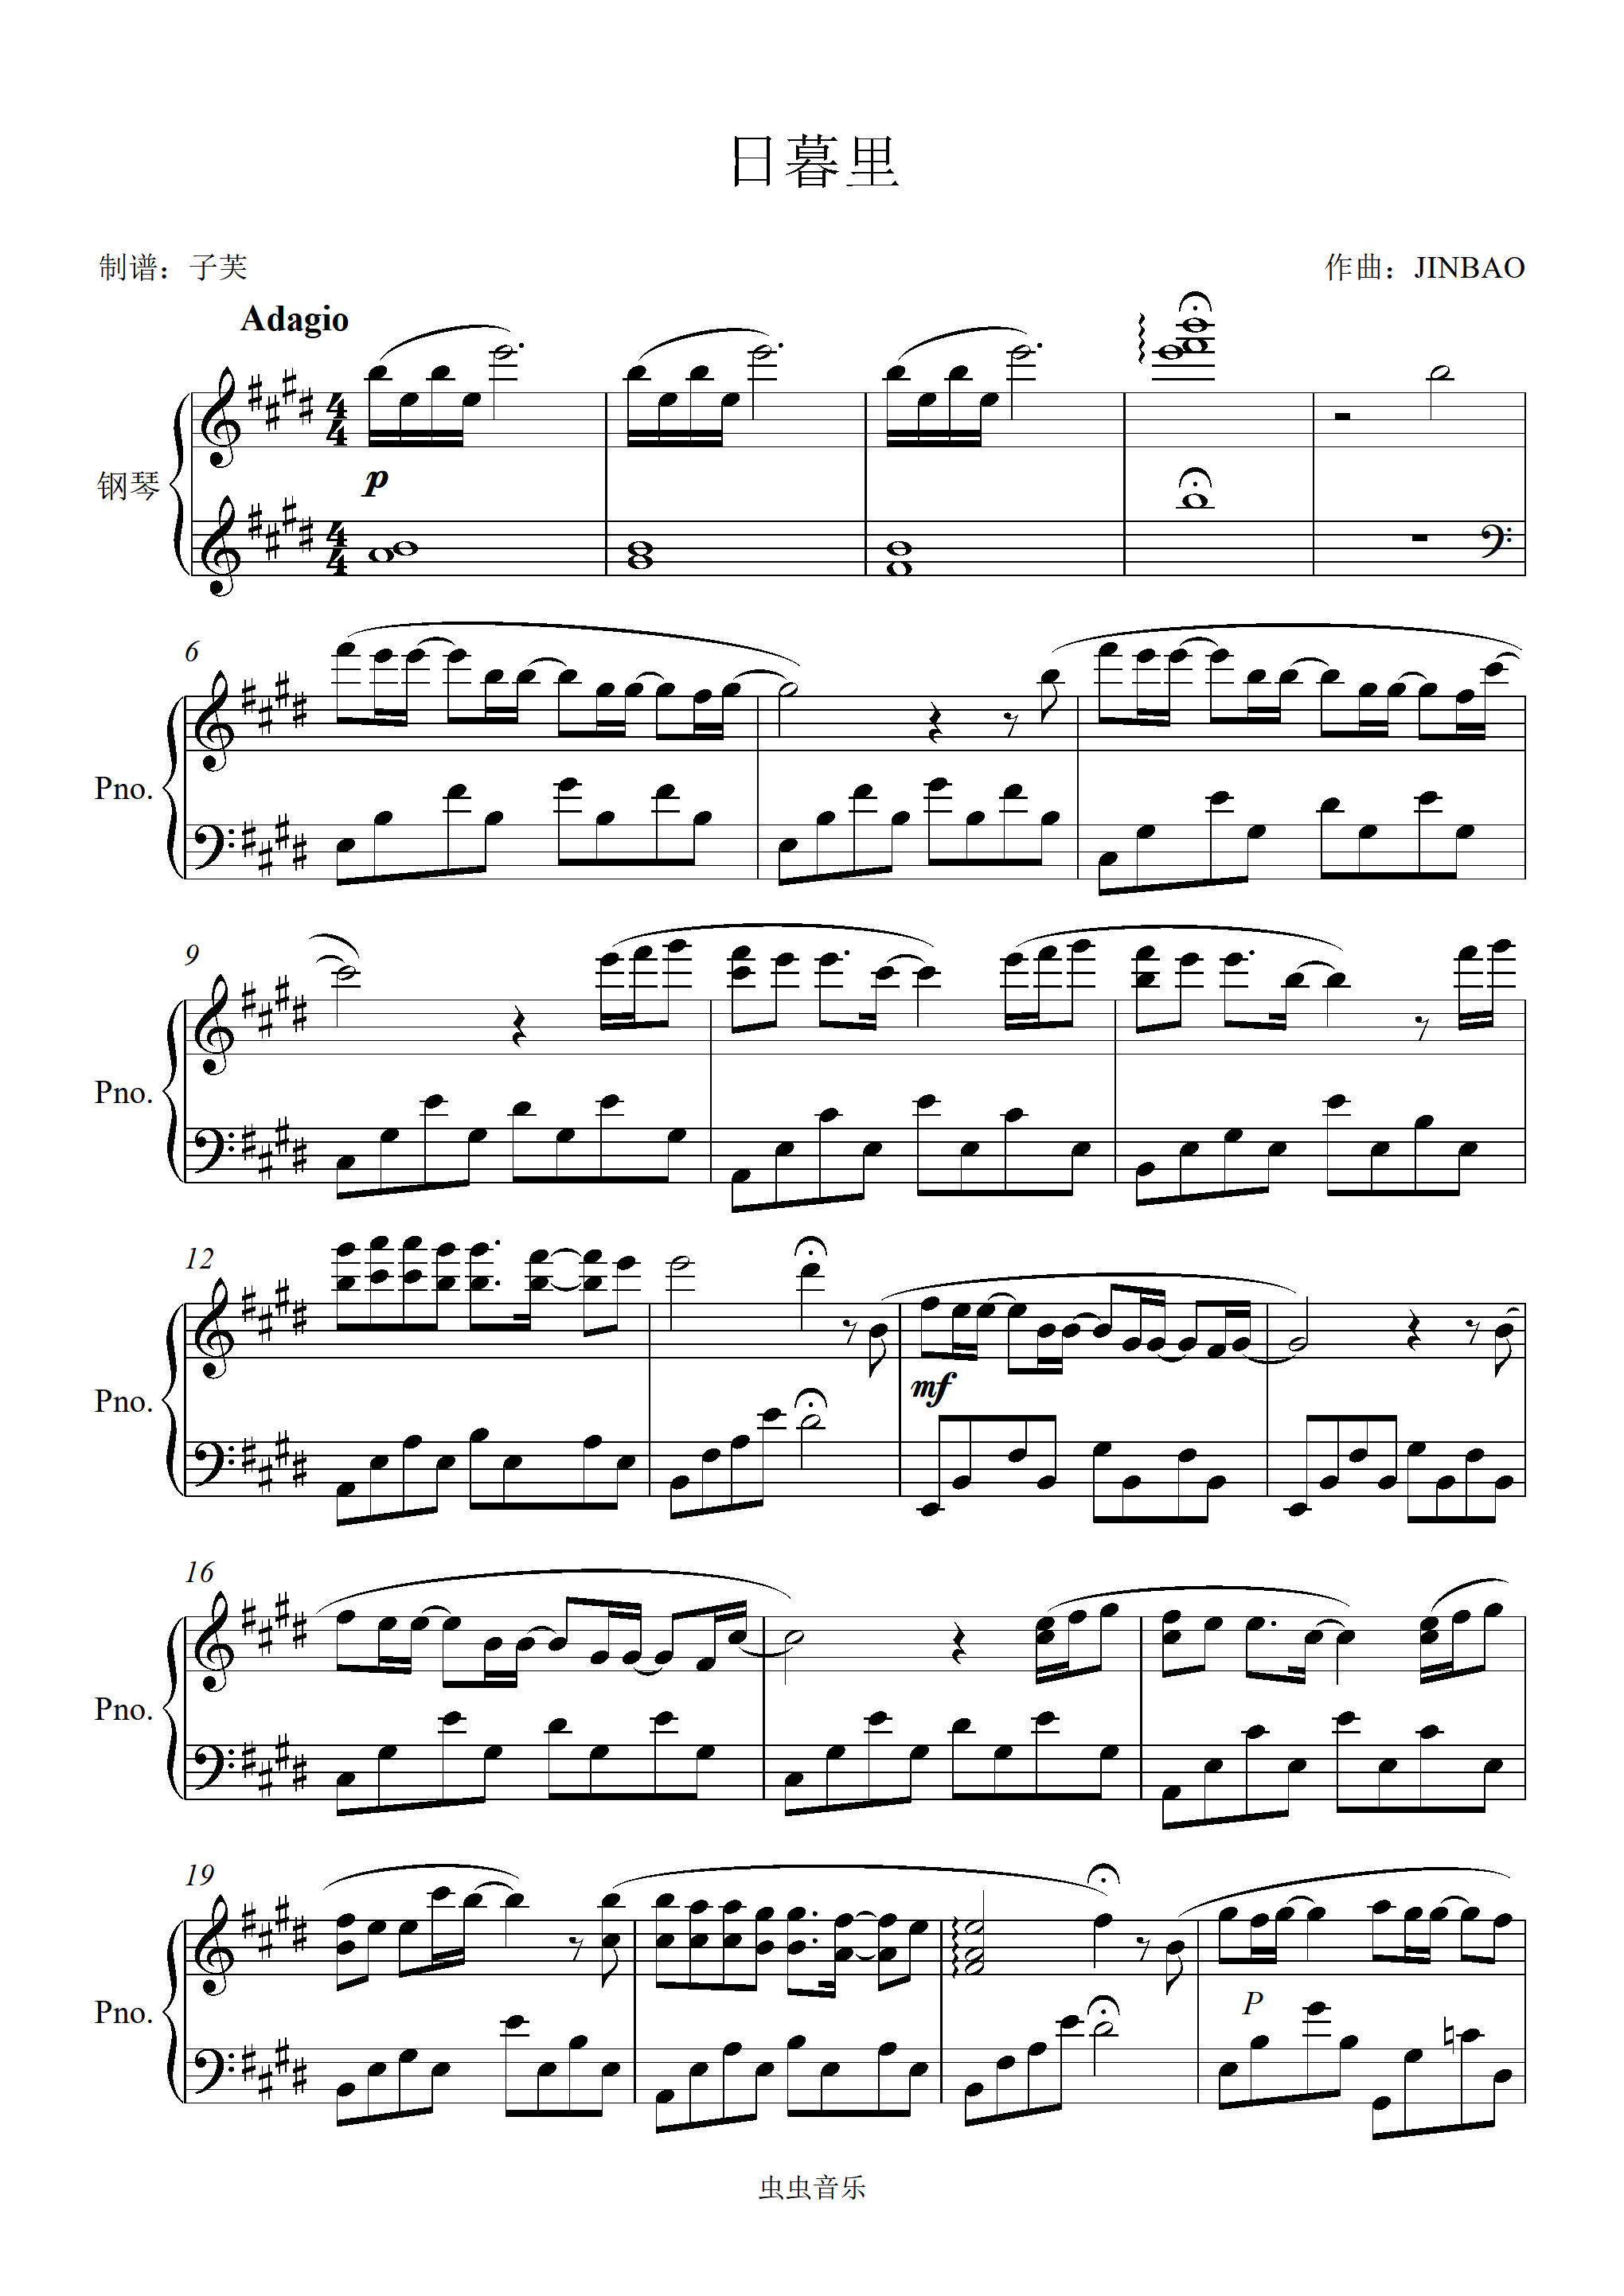 破浪钢琴曲谱_长风破浪会有时